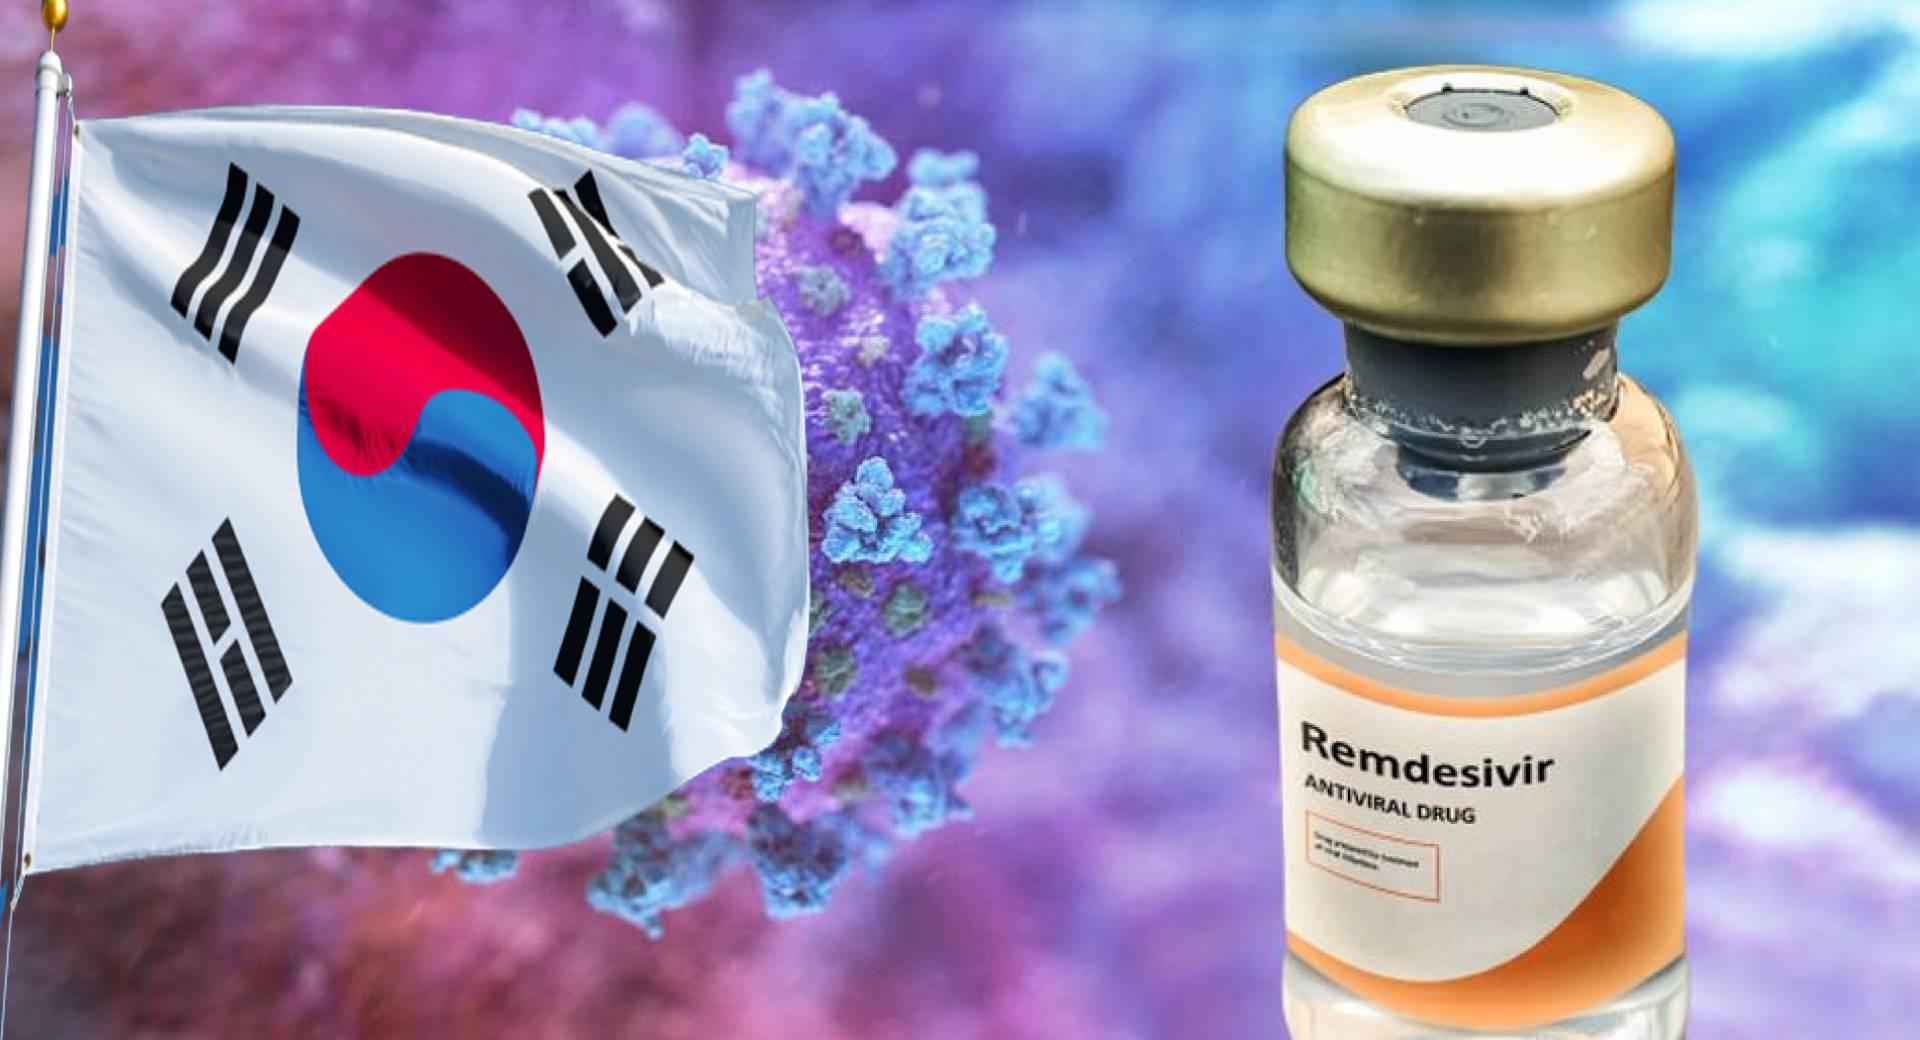 كوريا الجنوبية تطلب عقار «ريمديسيفير».. بعد ظهور إصابات جديدة